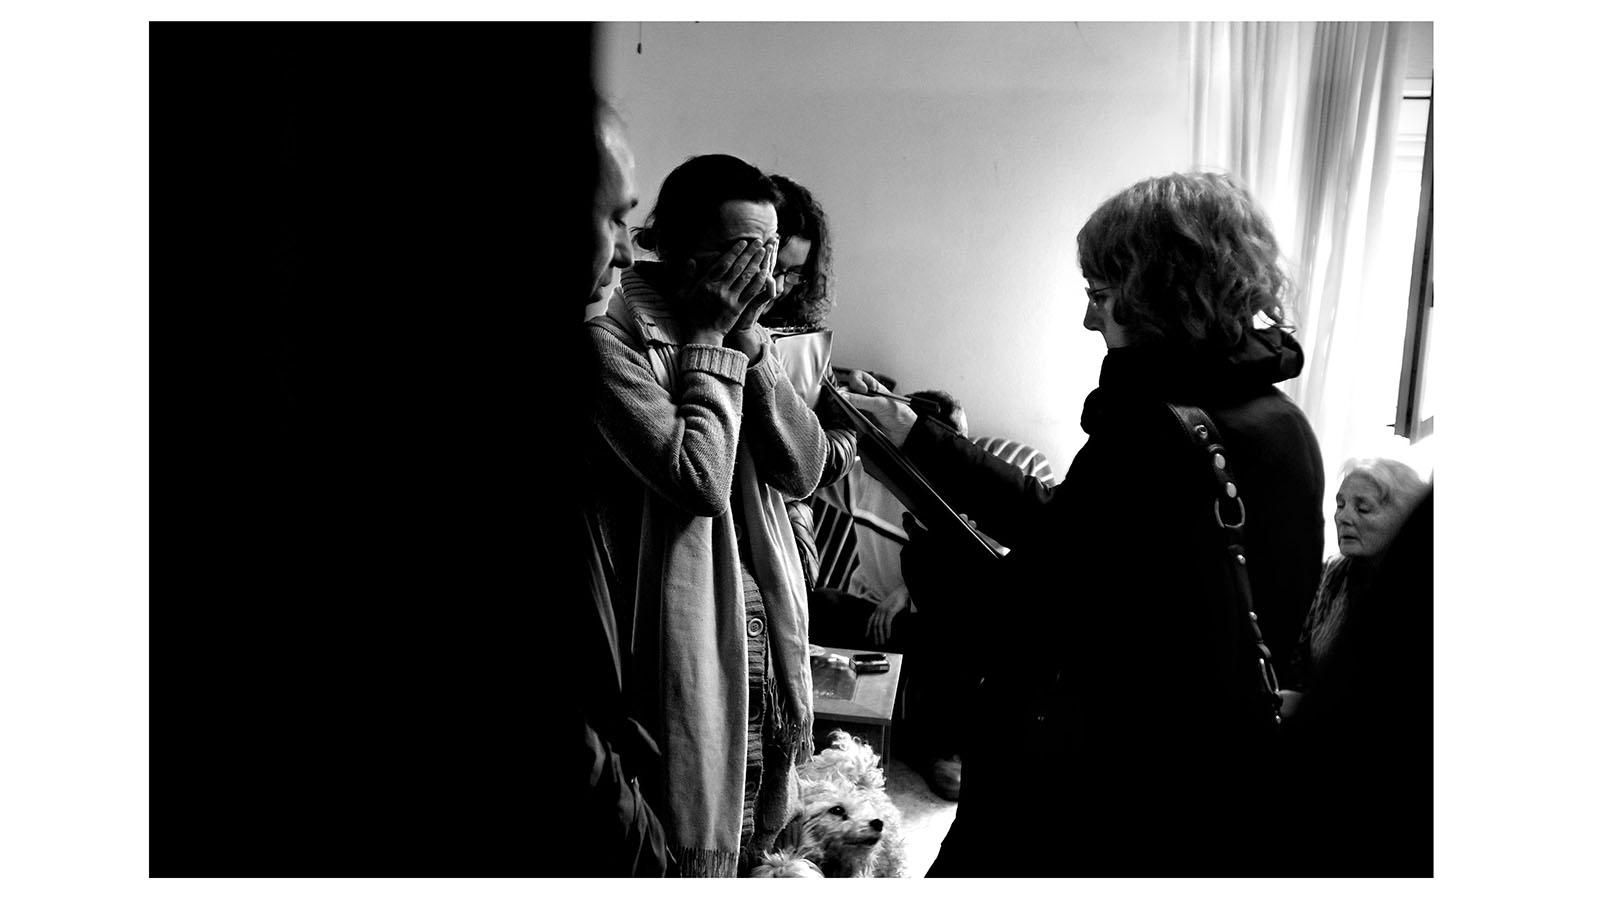 El aumento de desahucios, es una de las consecuencias que evidencian la crisis en España. Esta imagen capta el momento en el que la comisión judicial notifica a Loli que, junto a su madre de 70 años y su hermano, serán desahuciados en ese mismo momento de su casa, en régimen de alquiler social gestionado por la Comunidad de Madrid.